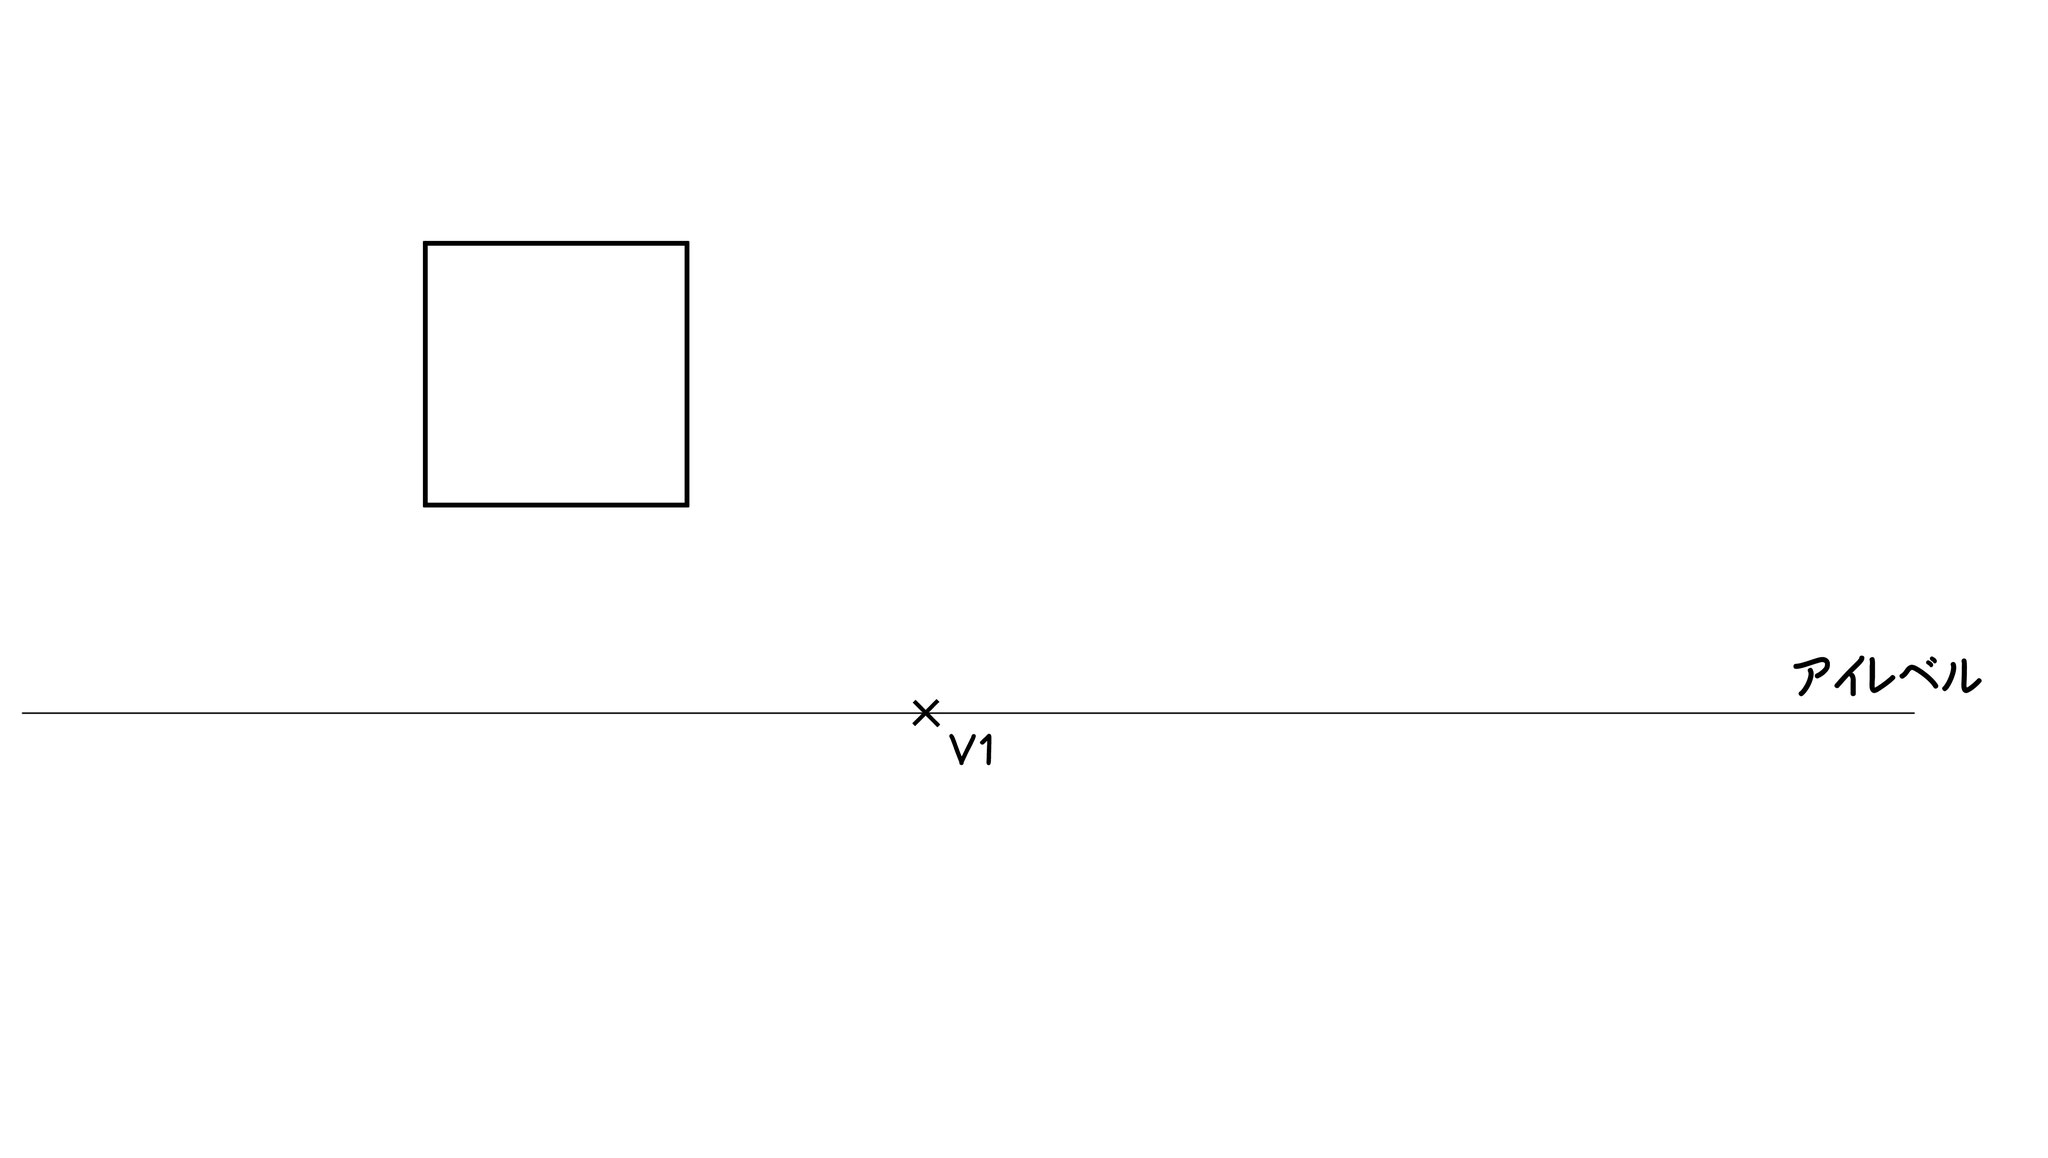 ②1点パースの場合は、見ているものに相対するのは「面」です。その面である正方形を水平線と垂直線で描きます